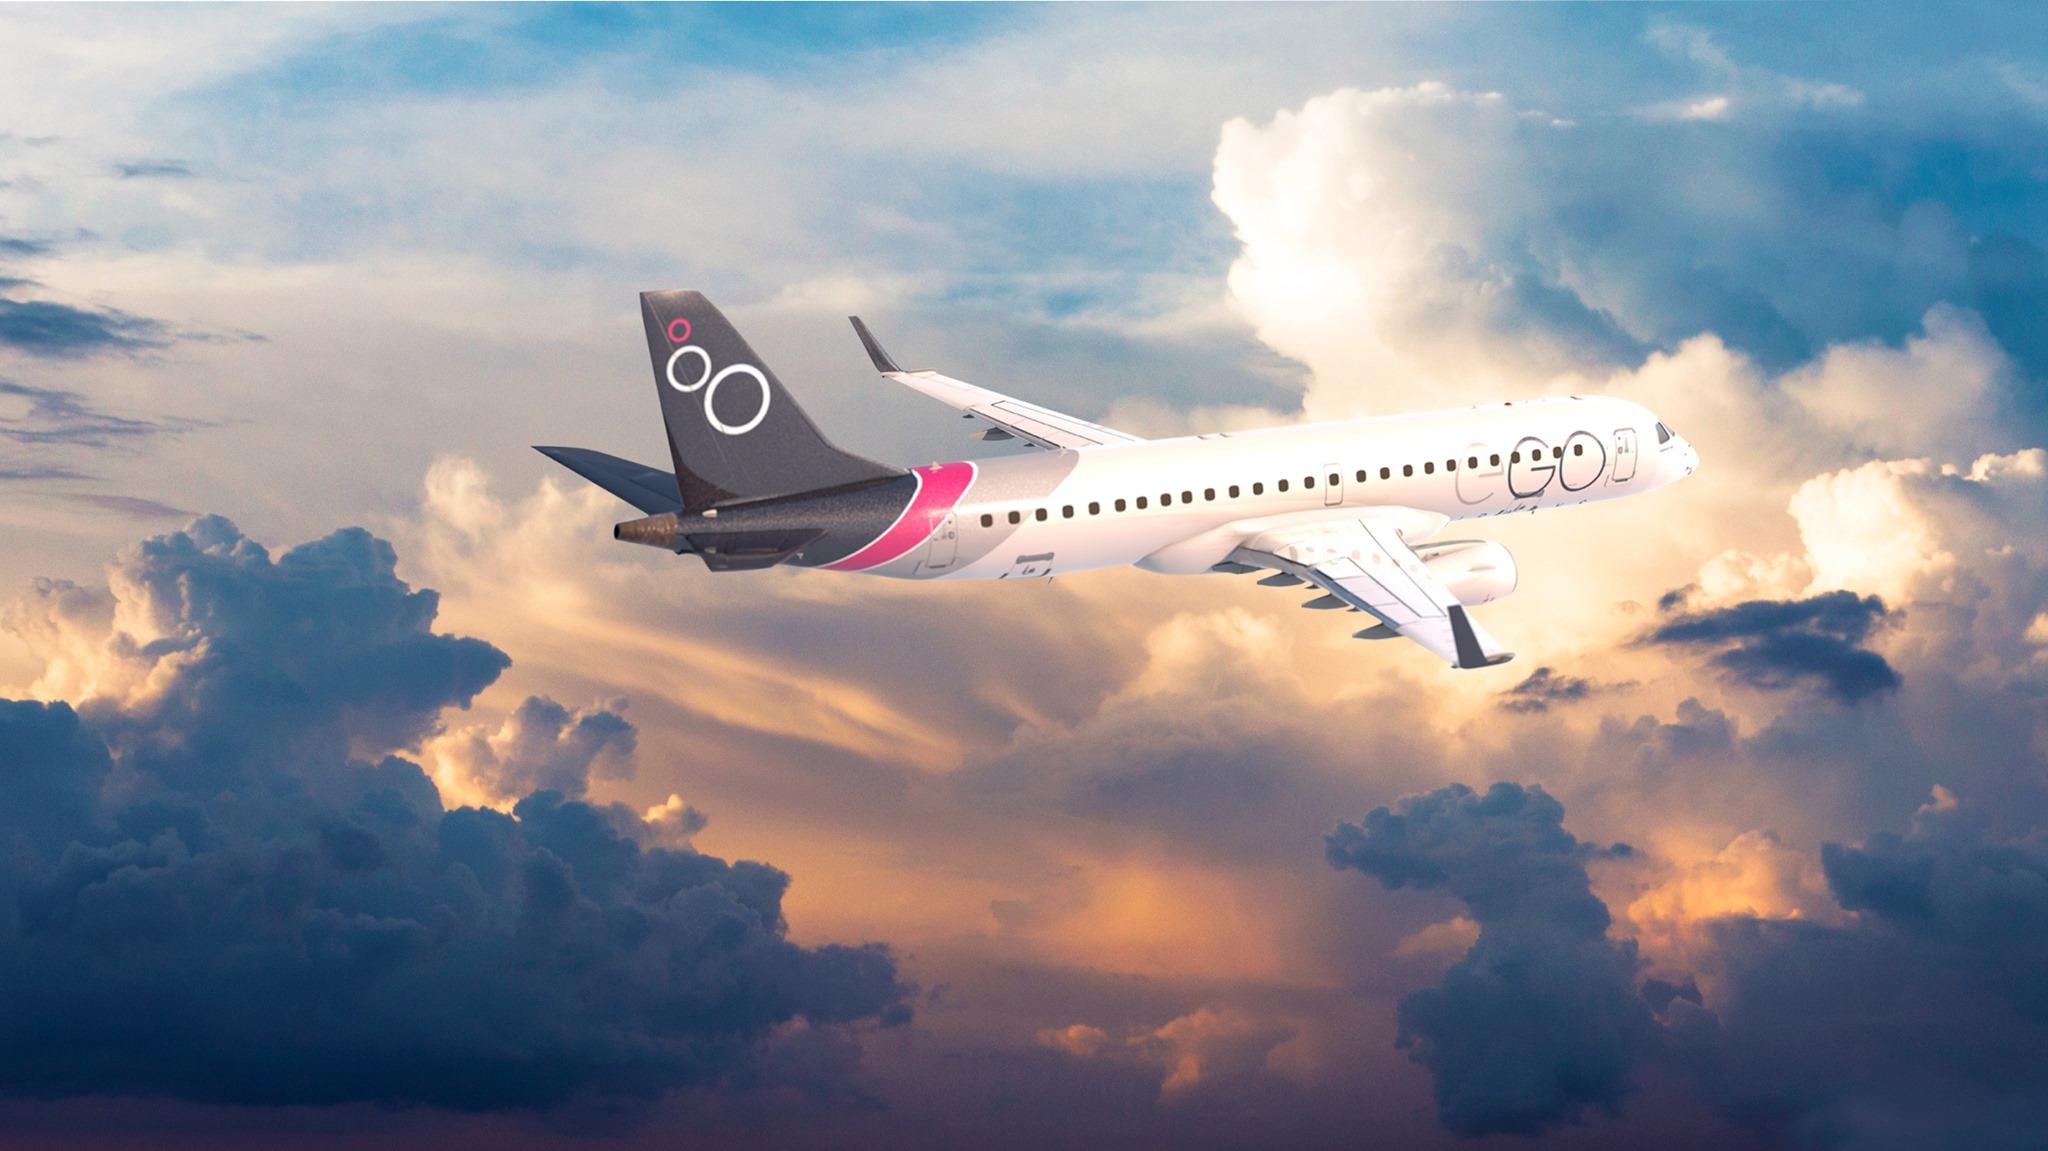 EGO Airwaysarriva all'Aeroporto di Comiso:  da giugno nuovi collegamenti diretti per Firenze e Forlì